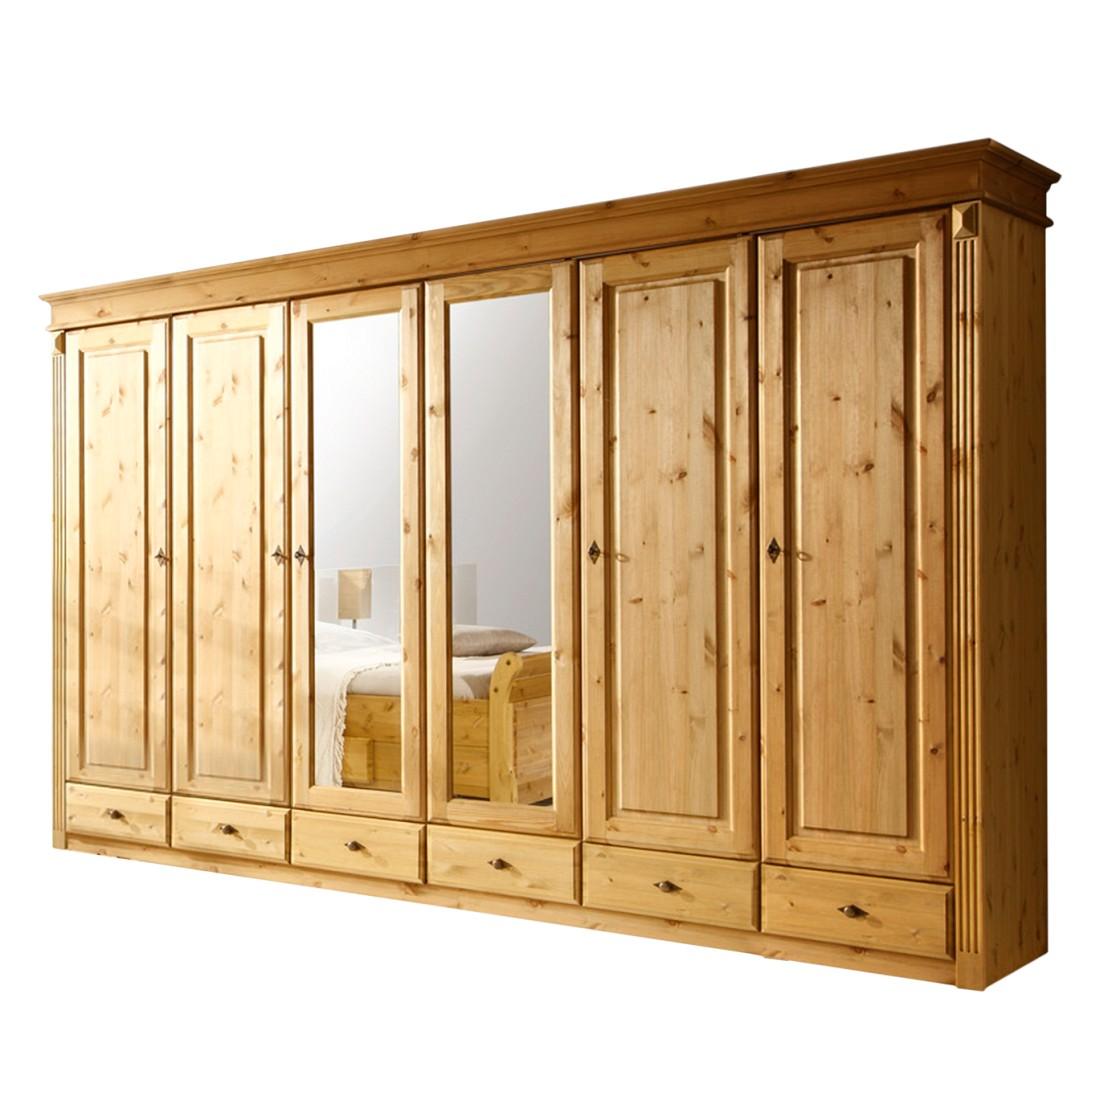 kleiderschrank cenan vi kiefer massiv gebeizt ge lt. Black Bedroom Furniture Sets. Home Design Ideas